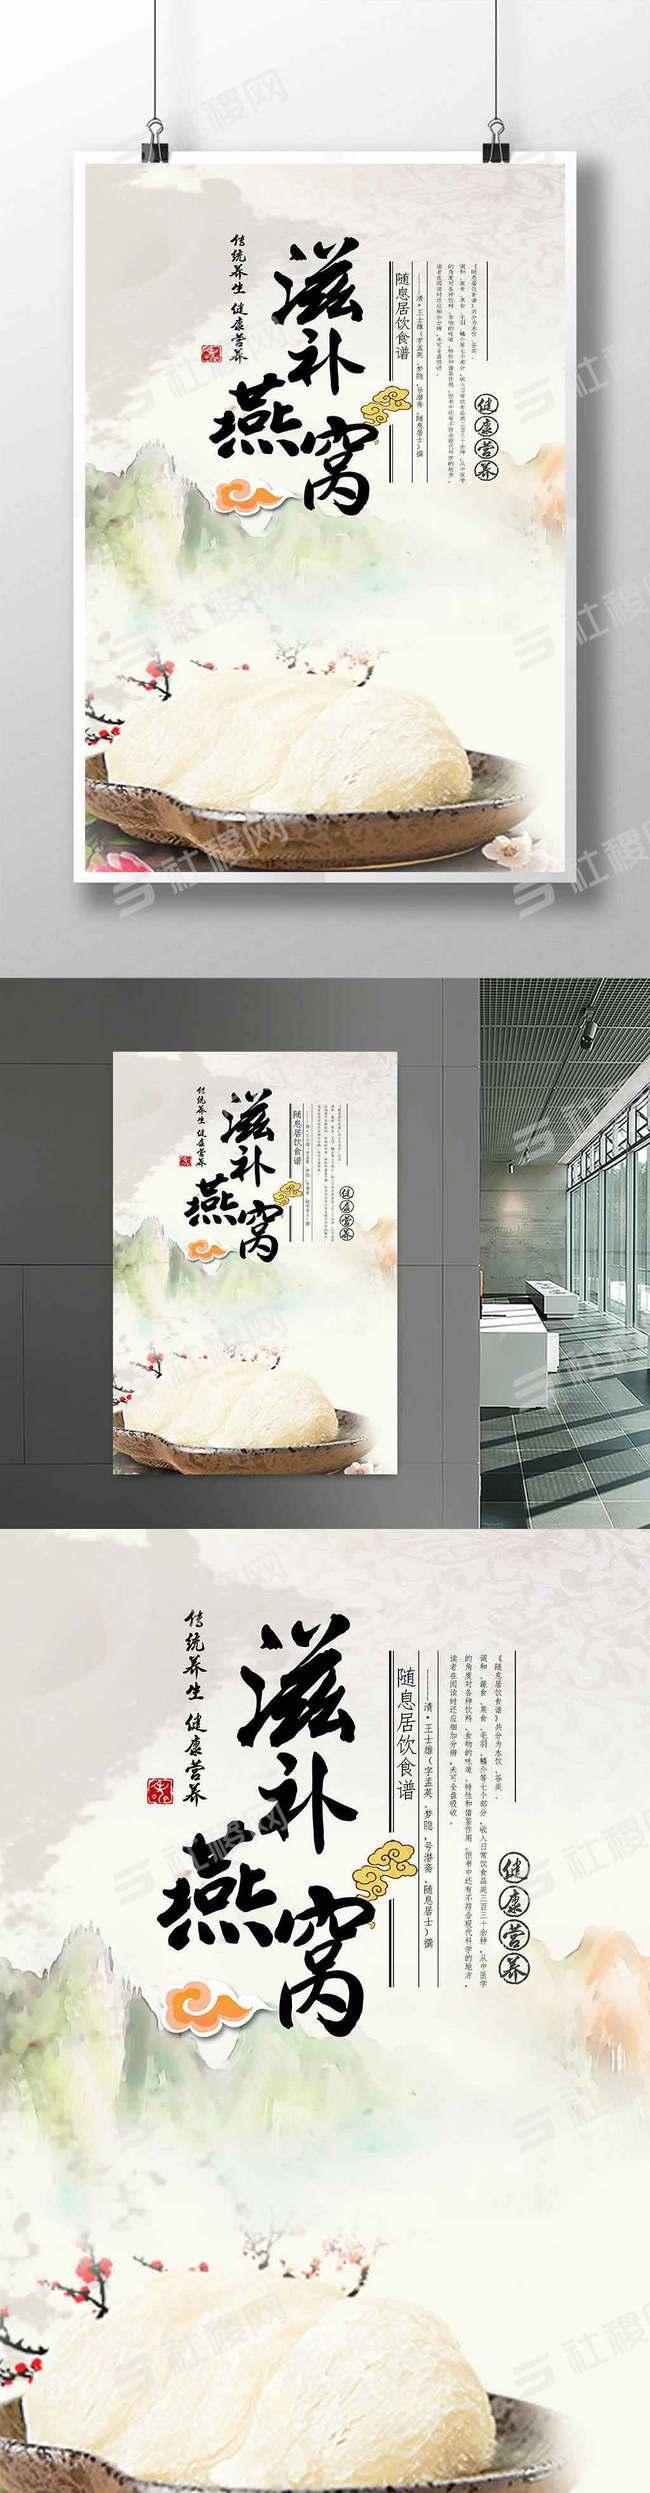 养生滋补燕窝健康美食中国风宣传海报PSD素材